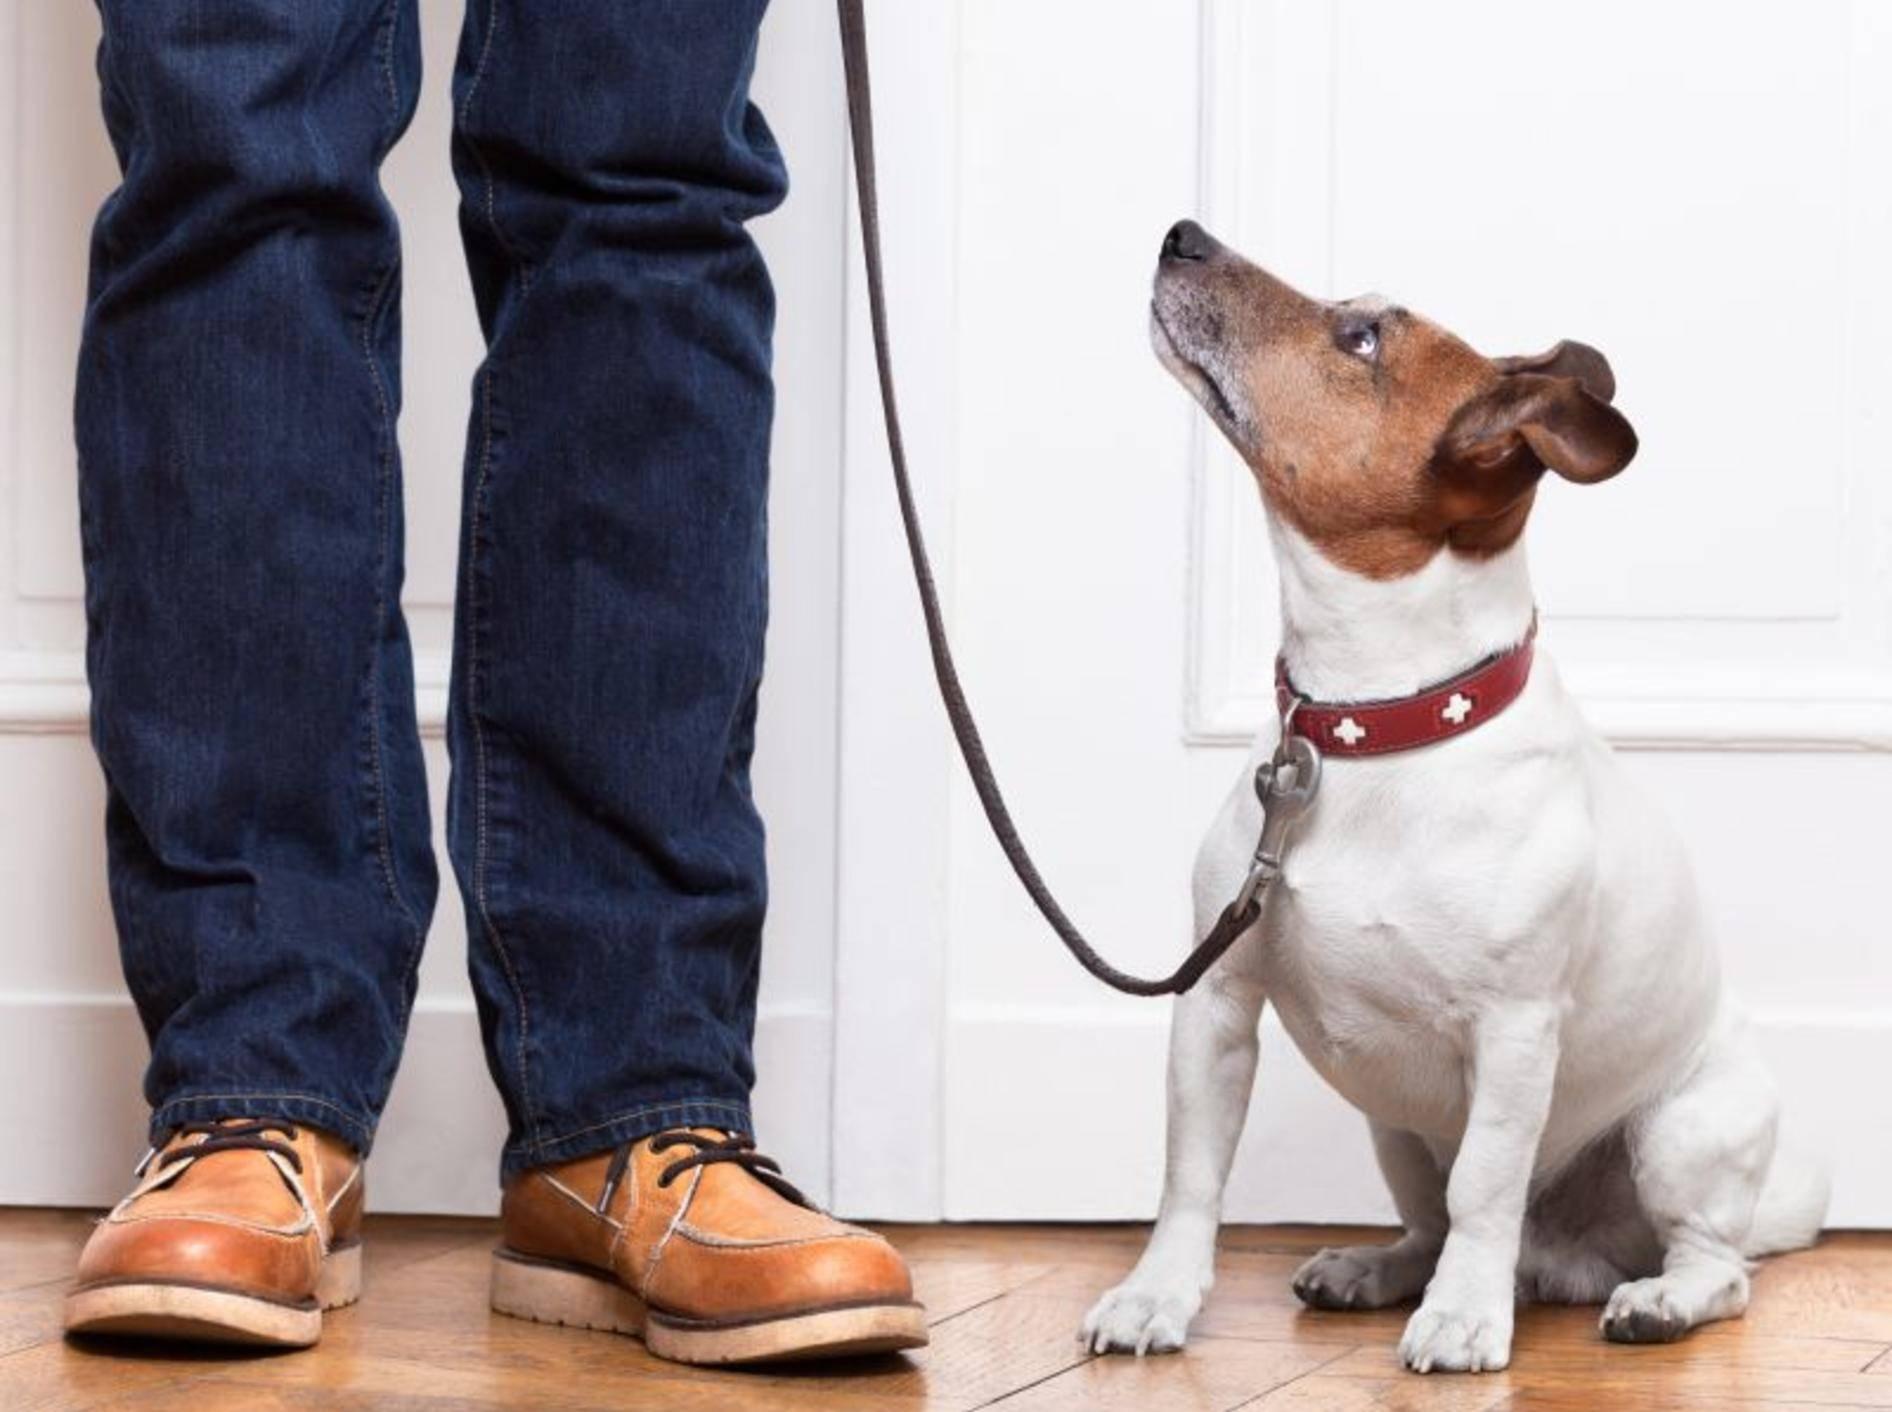 Kleine Hunde erziehen: Ein gesundes Mittelmaß ist wichtig – Bild: Shutterstock / Javier Brosch